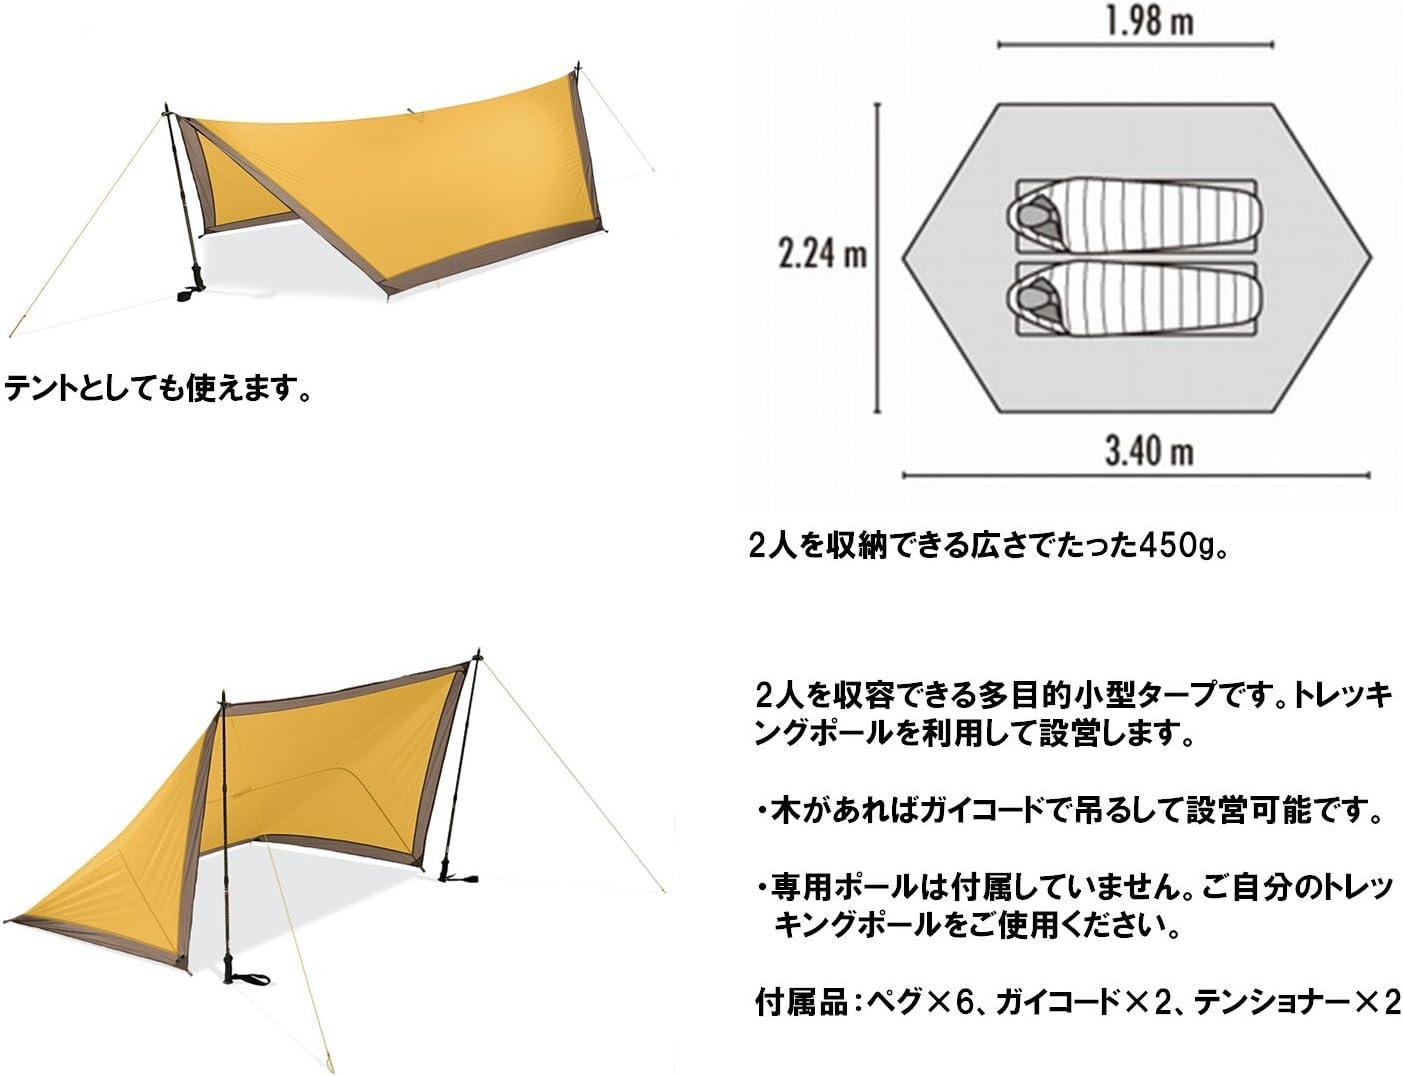 MSR E-Wing Tent